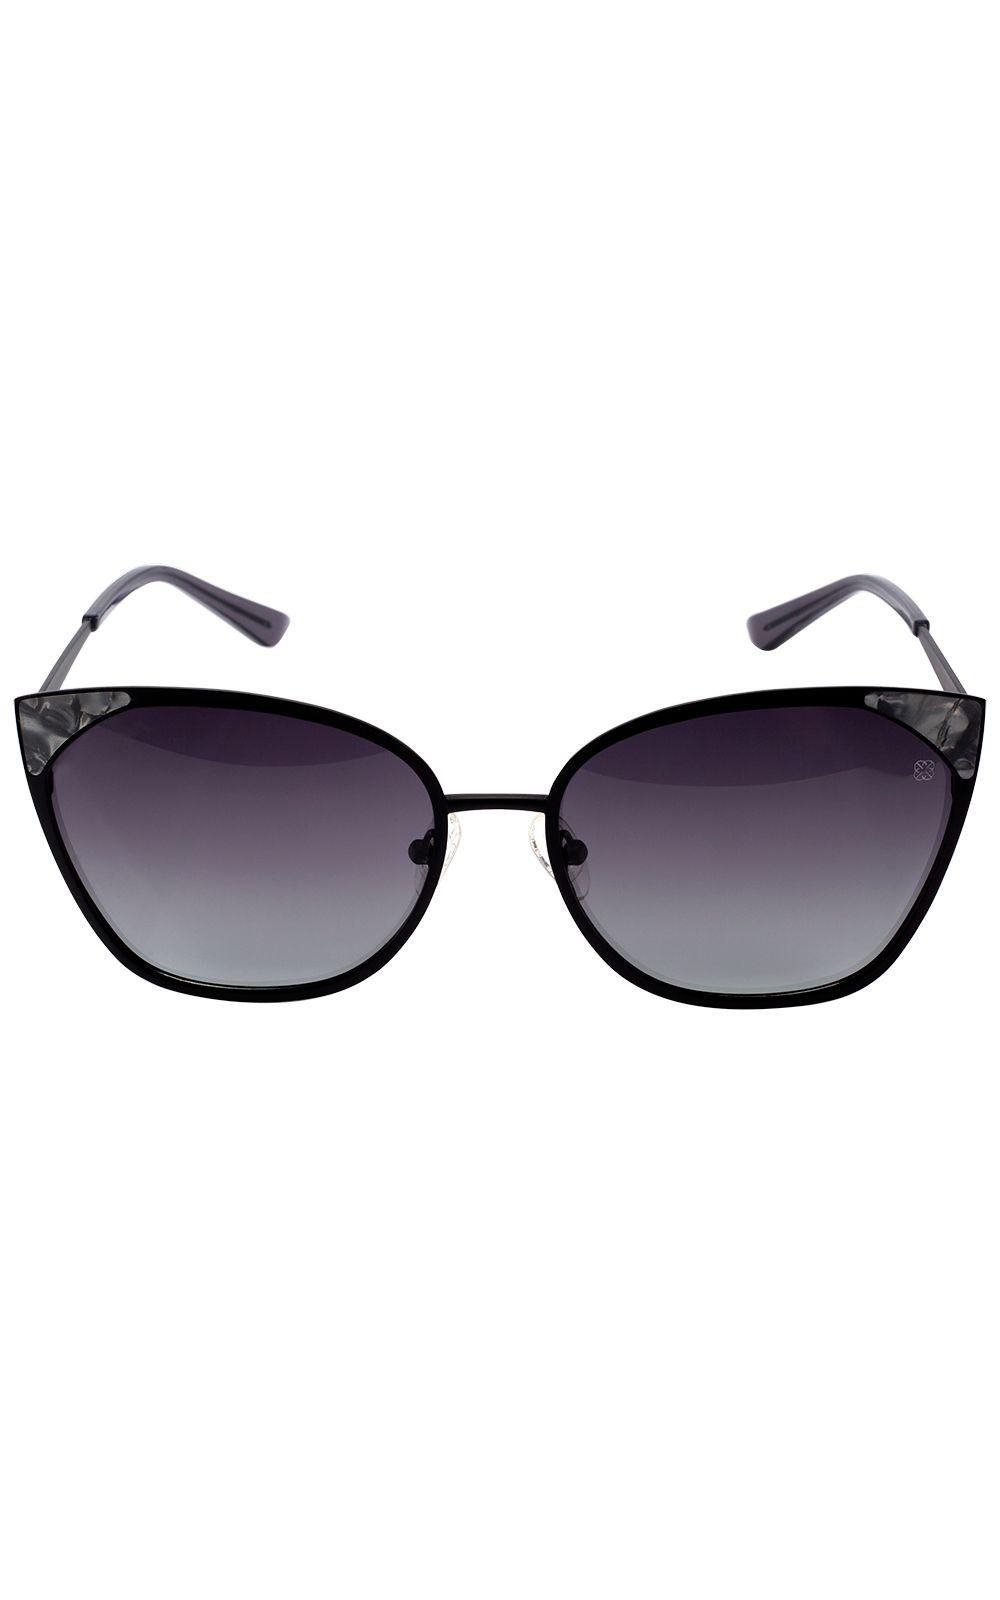 6d3f12928a97f Óculos Euro Feminino Gatinho Preto E0012A1433 4P